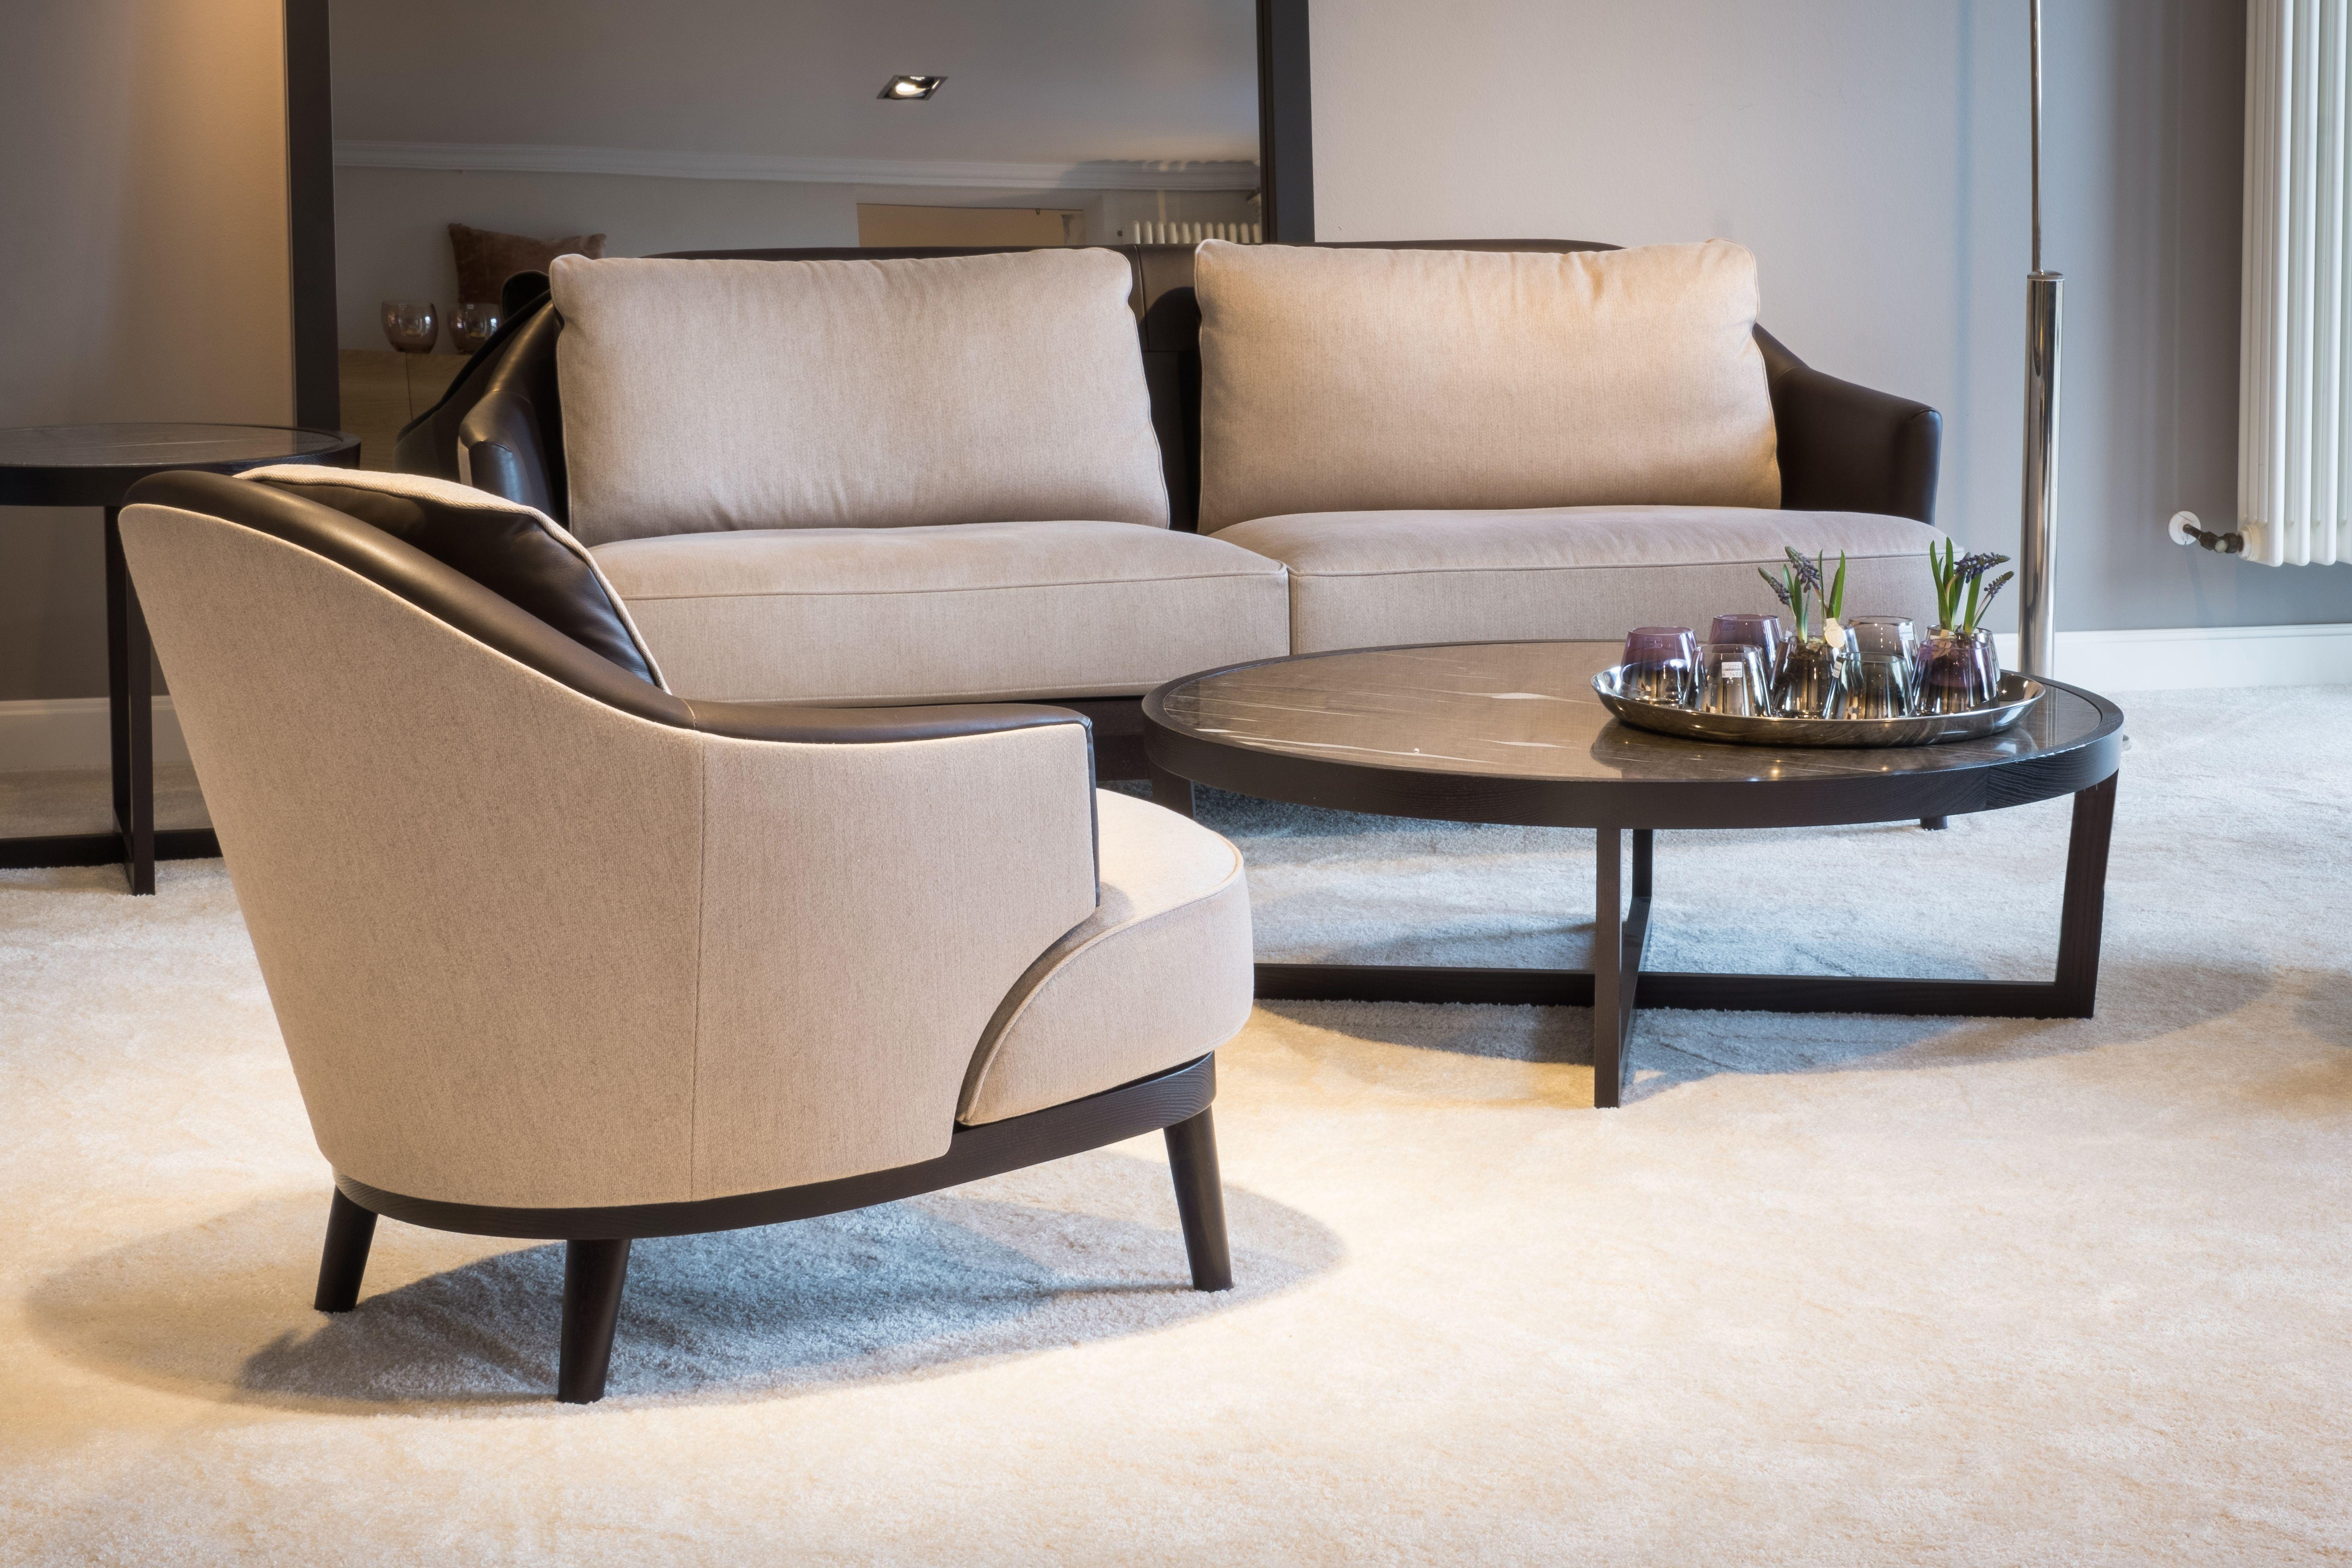 esszimmer couch m bel beste inspiration f r ihr interior. Black Bedroom Furniture Sets. Home Design Ideas